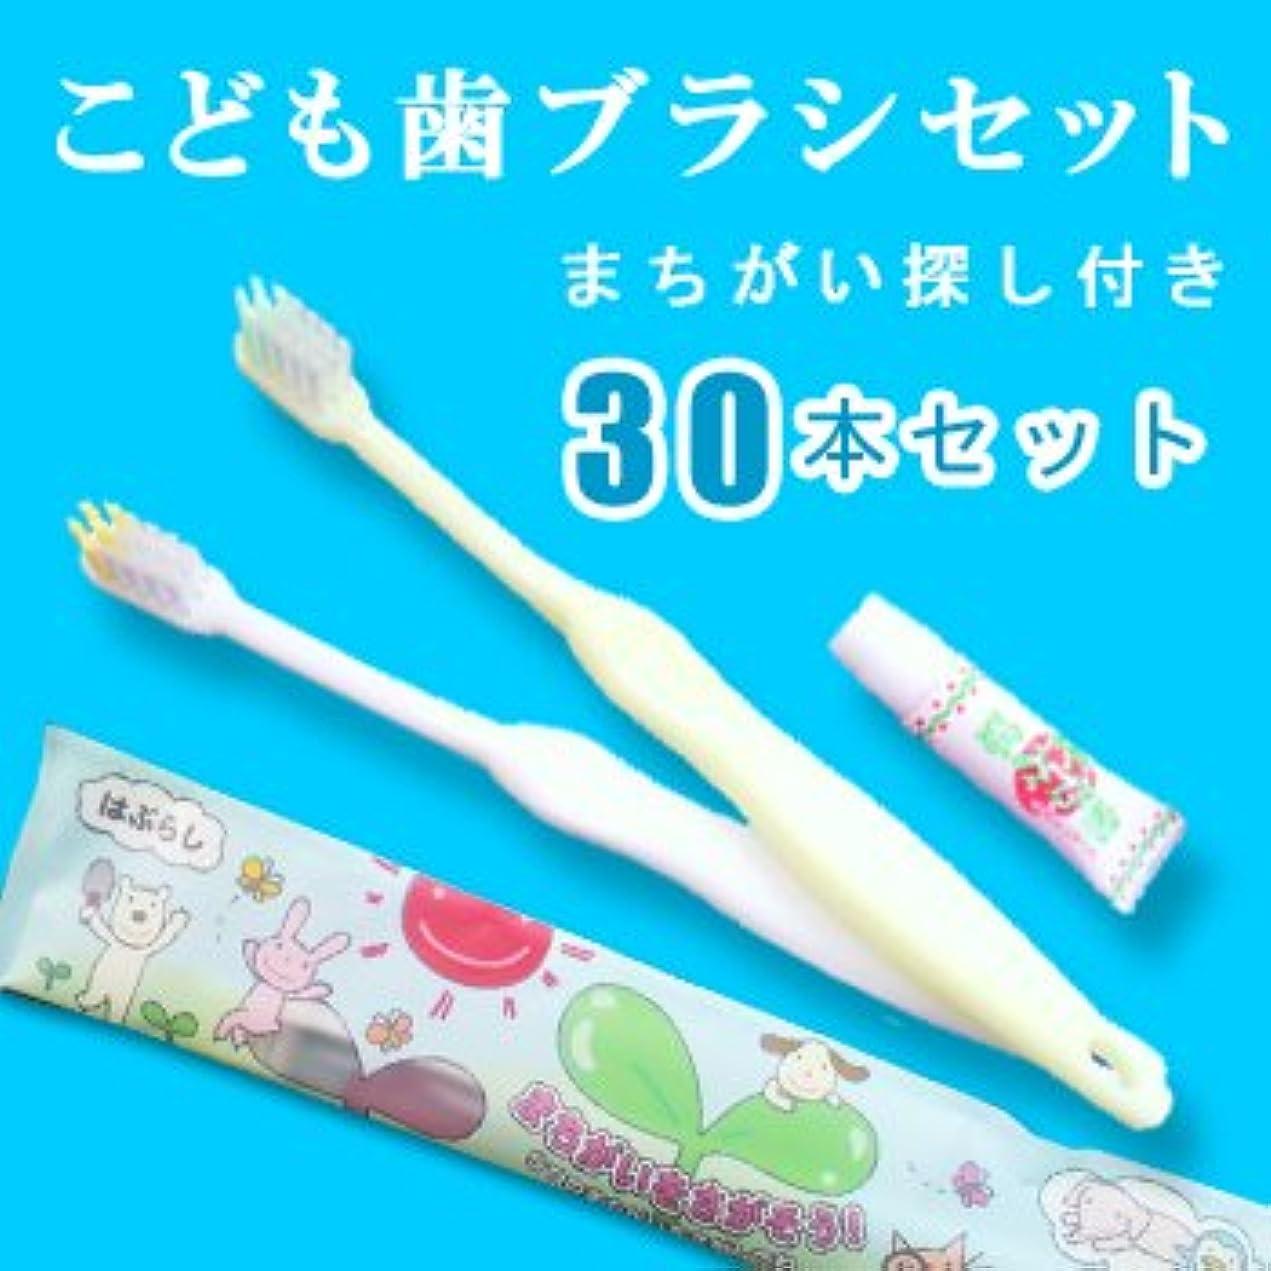 施し売り手終わりこども歯ブラシ いちご味の歯磨き粉3gチューブ付 ホワイト?イエロー各15本アソート(1セット30本)